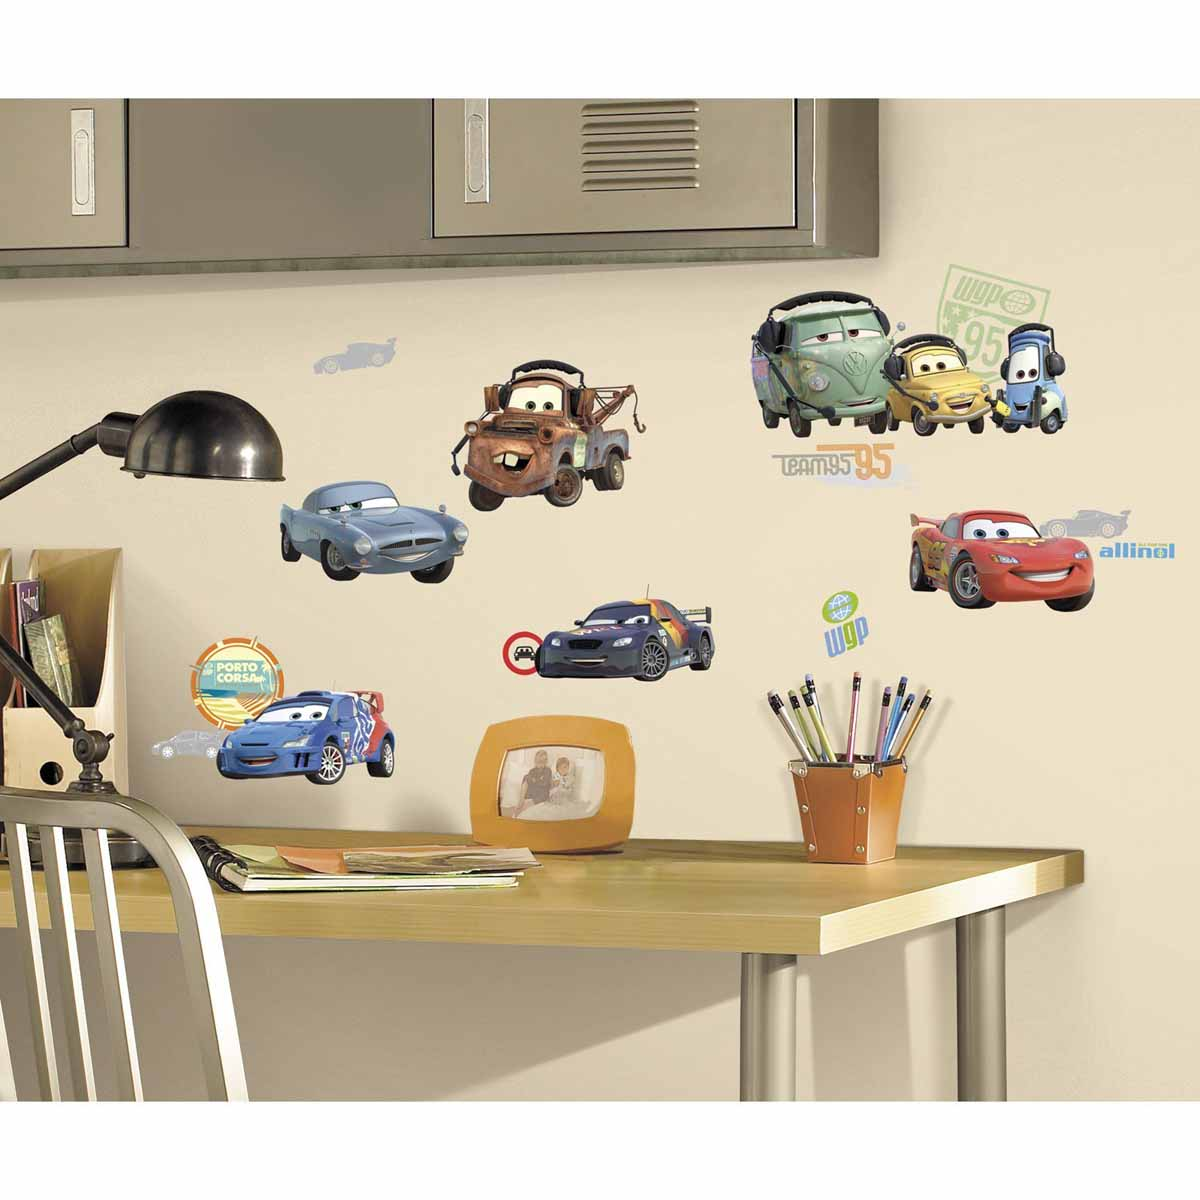 RoomMates Наклейка интерьерная Тачки 26 шт300240_белый, красный, синийНаклейки для декора Тачки от знаменитого производителя RoomMates станут украшением вашей квартиры! Привнесите атмосферу знаменитого диснеевского мультфильма в комнату вашего ребенка! Наклейки, входящие в набор, содержат изображения любимых персонажей вашего ребенка: Молнии МакКуина, Мэтра и других!Всего в наборе 26 стикеров. Наклейки не нужно вырезать - их следует просто отсоединить от защитного слоя и поместить на стену или любую другую плоскую гладкую поверхность. Наклейки многоразовые: их легко переклеивать и снимать со стены, они не оставляют липких следов на поверхности.В упаковке вы найдете 4 листа с наклейками.